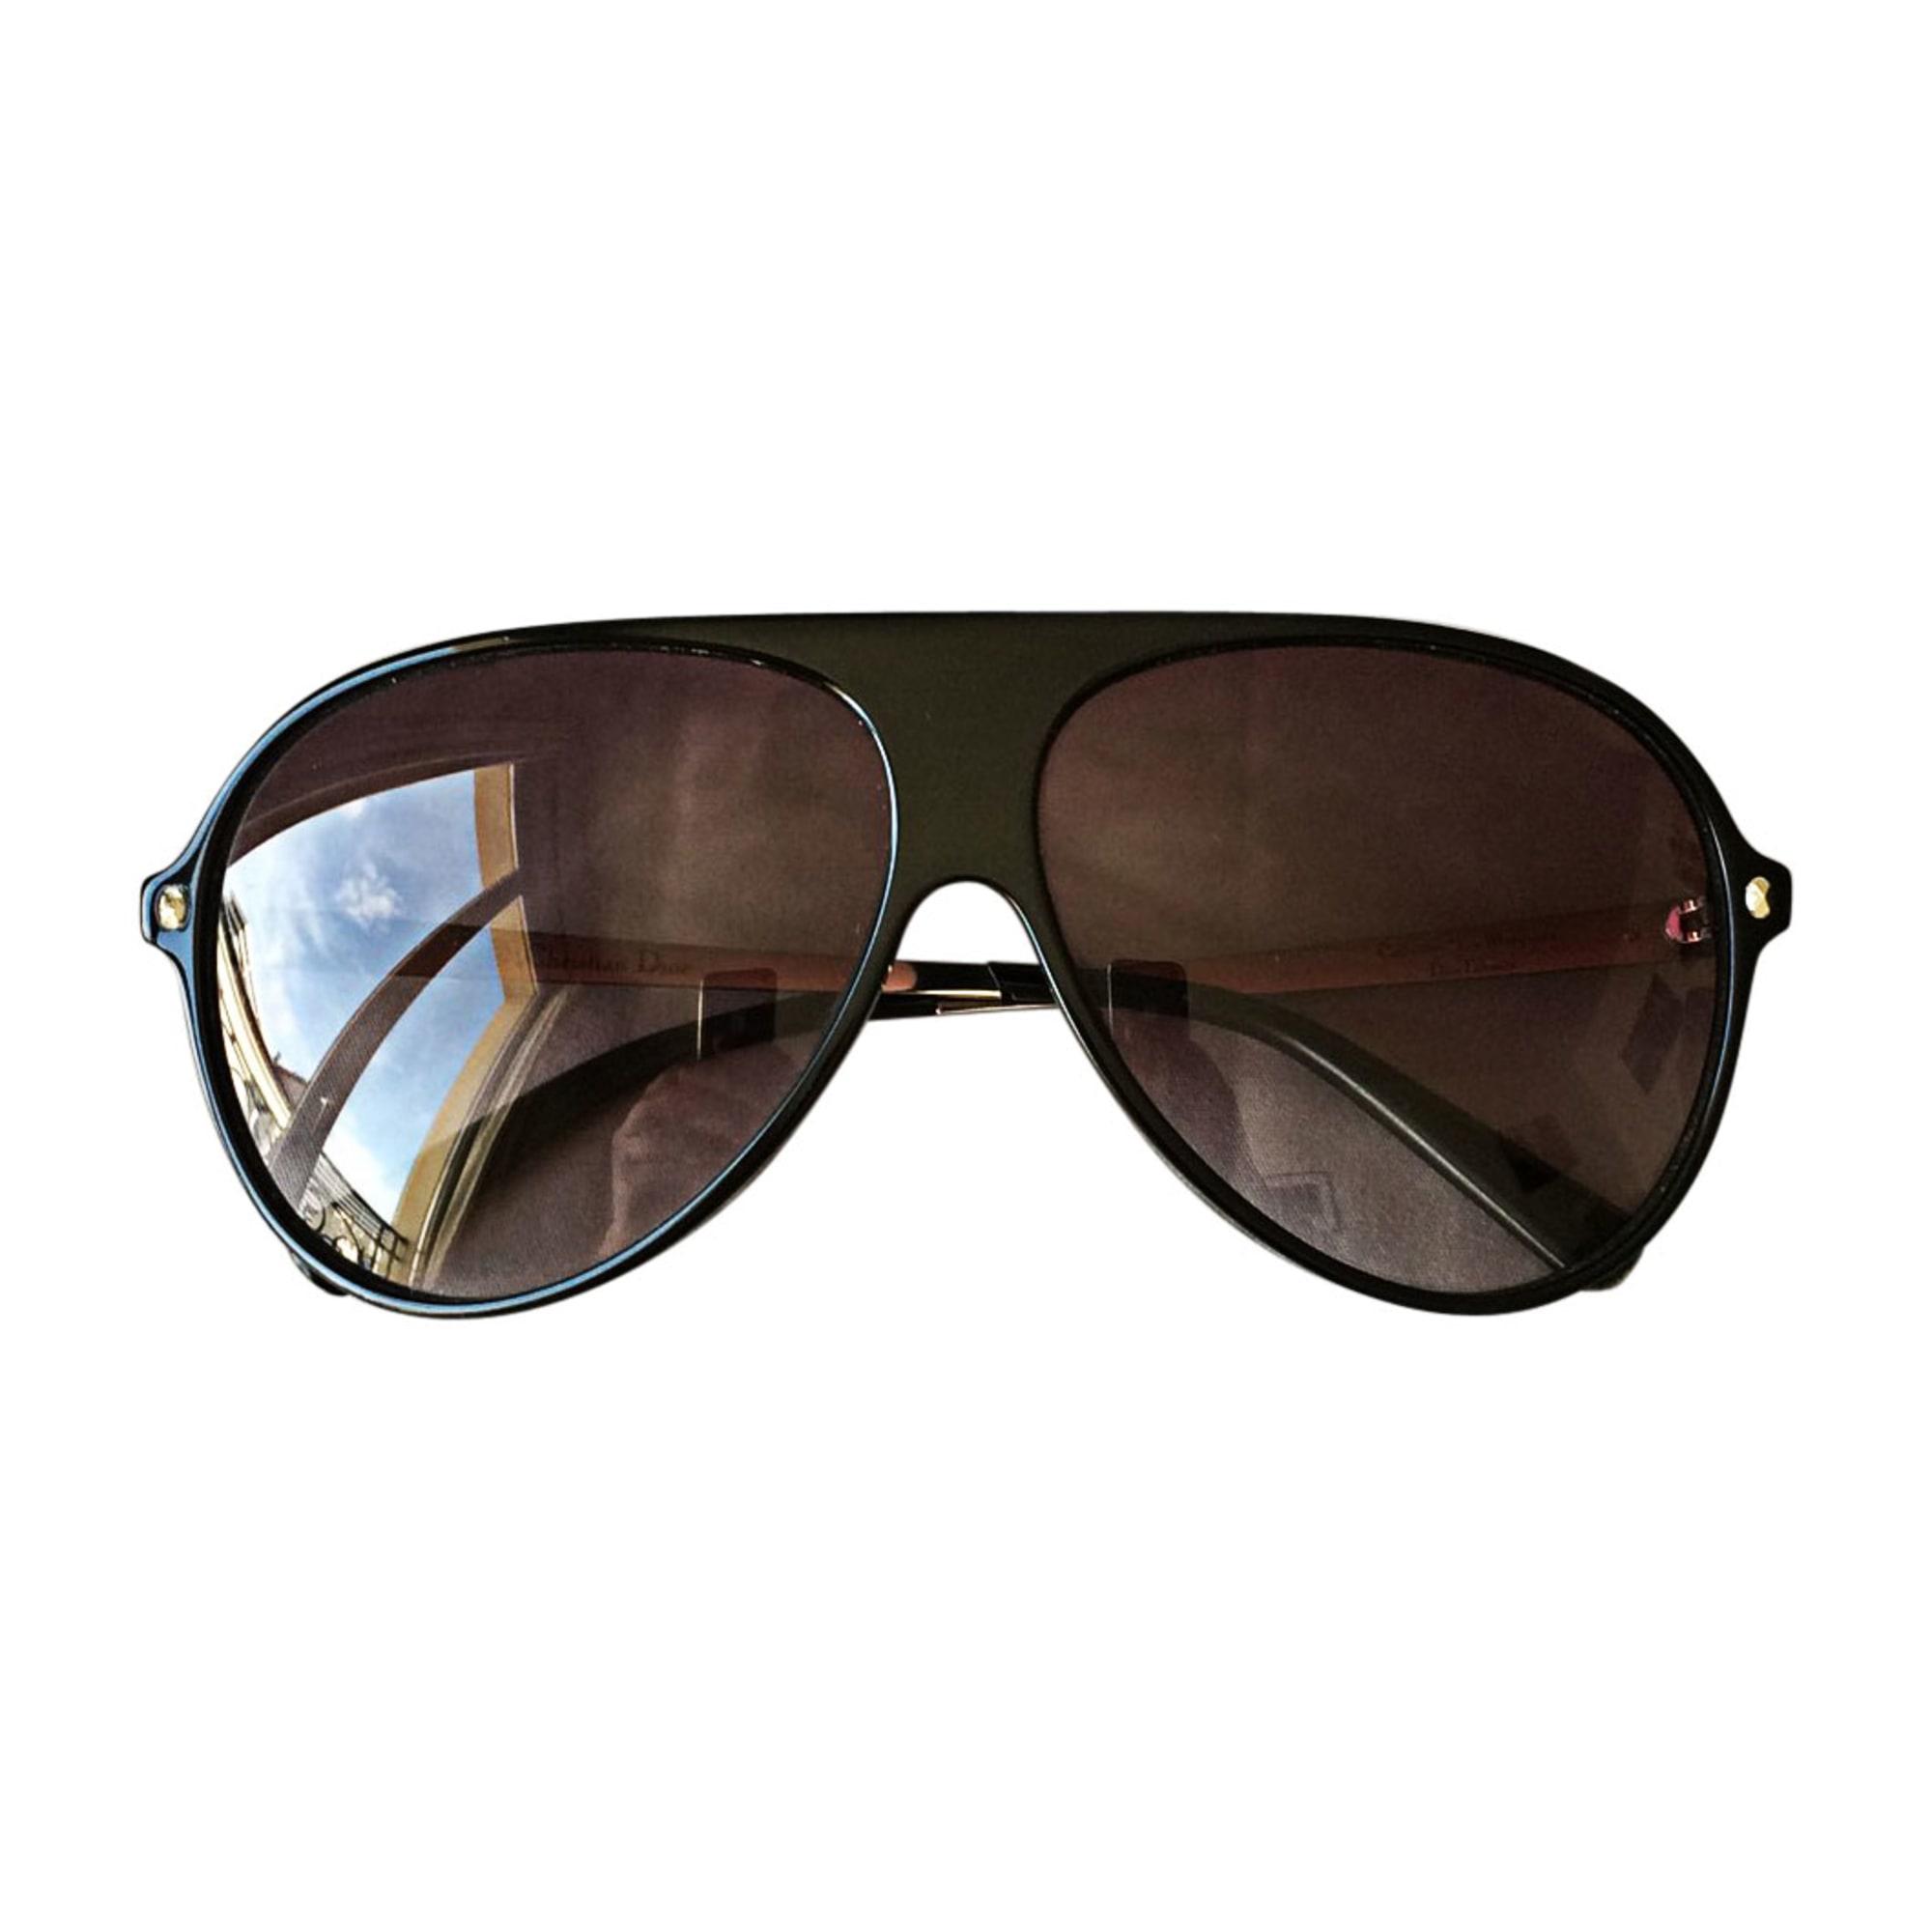 87689131b3285 Lunettes de soleil DIOR HOMME noir vendu par Olivia75015 - 5973580